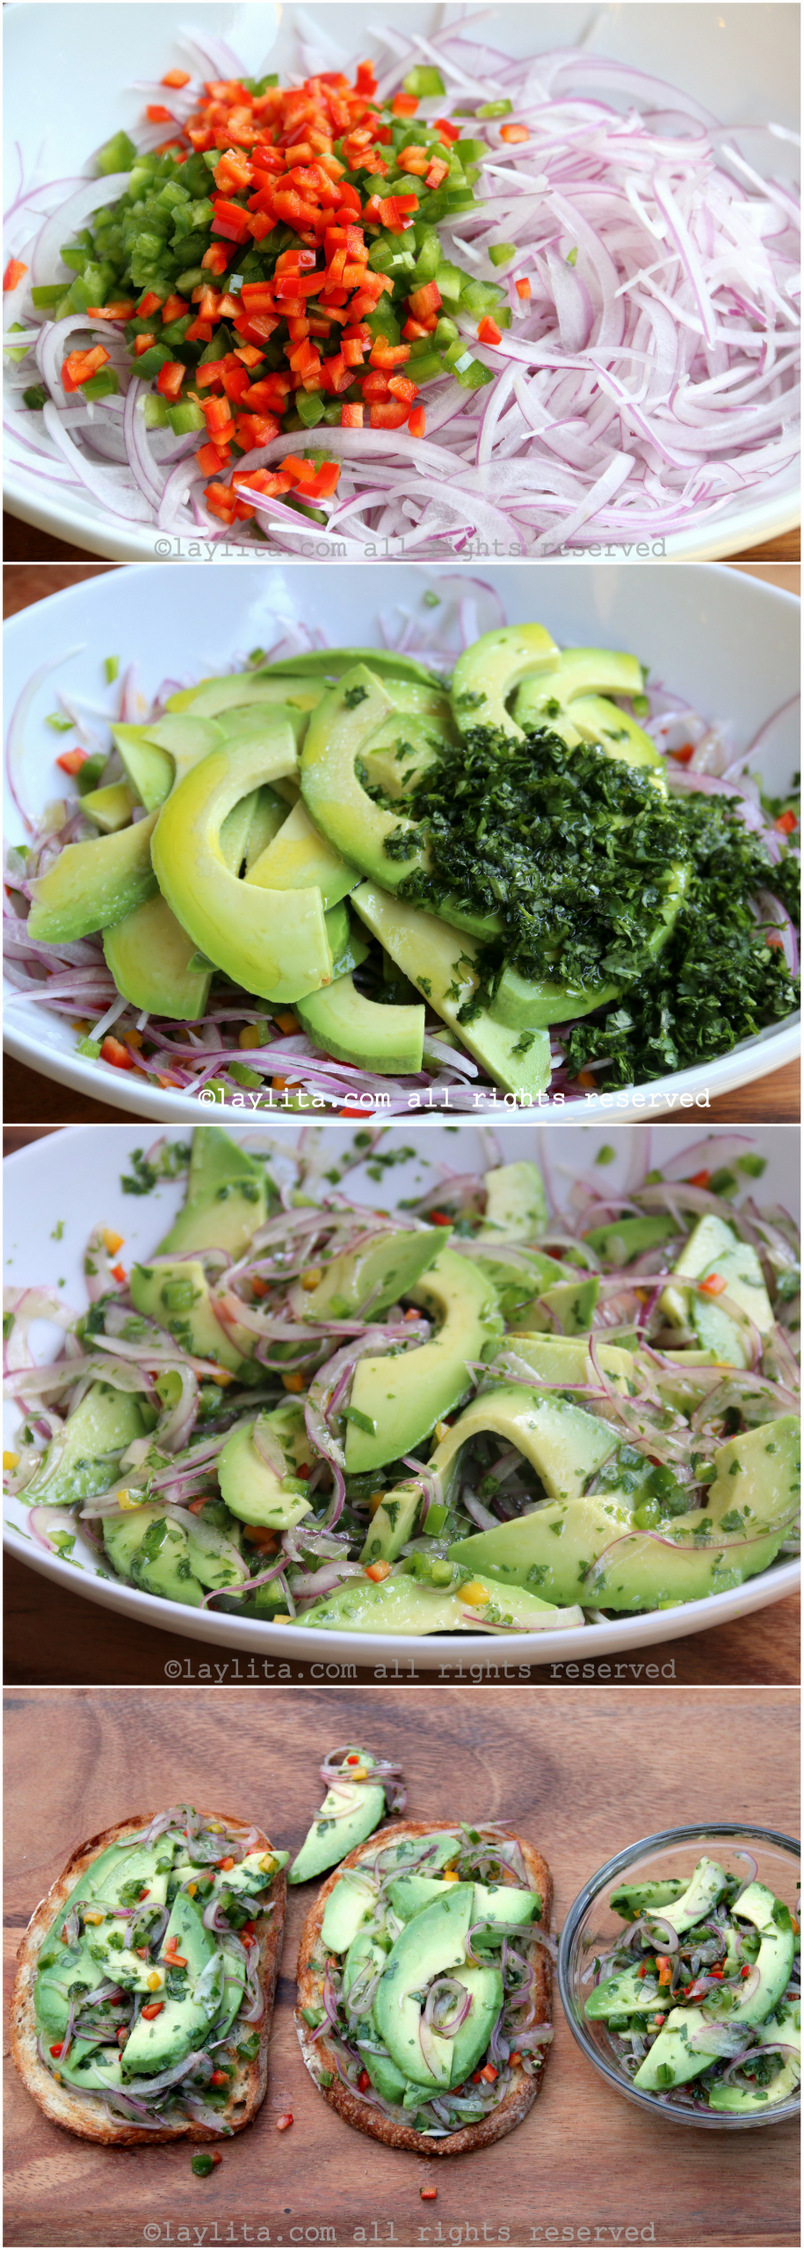 Preparação de Bruschetta de abacate ou Crostini de abacate